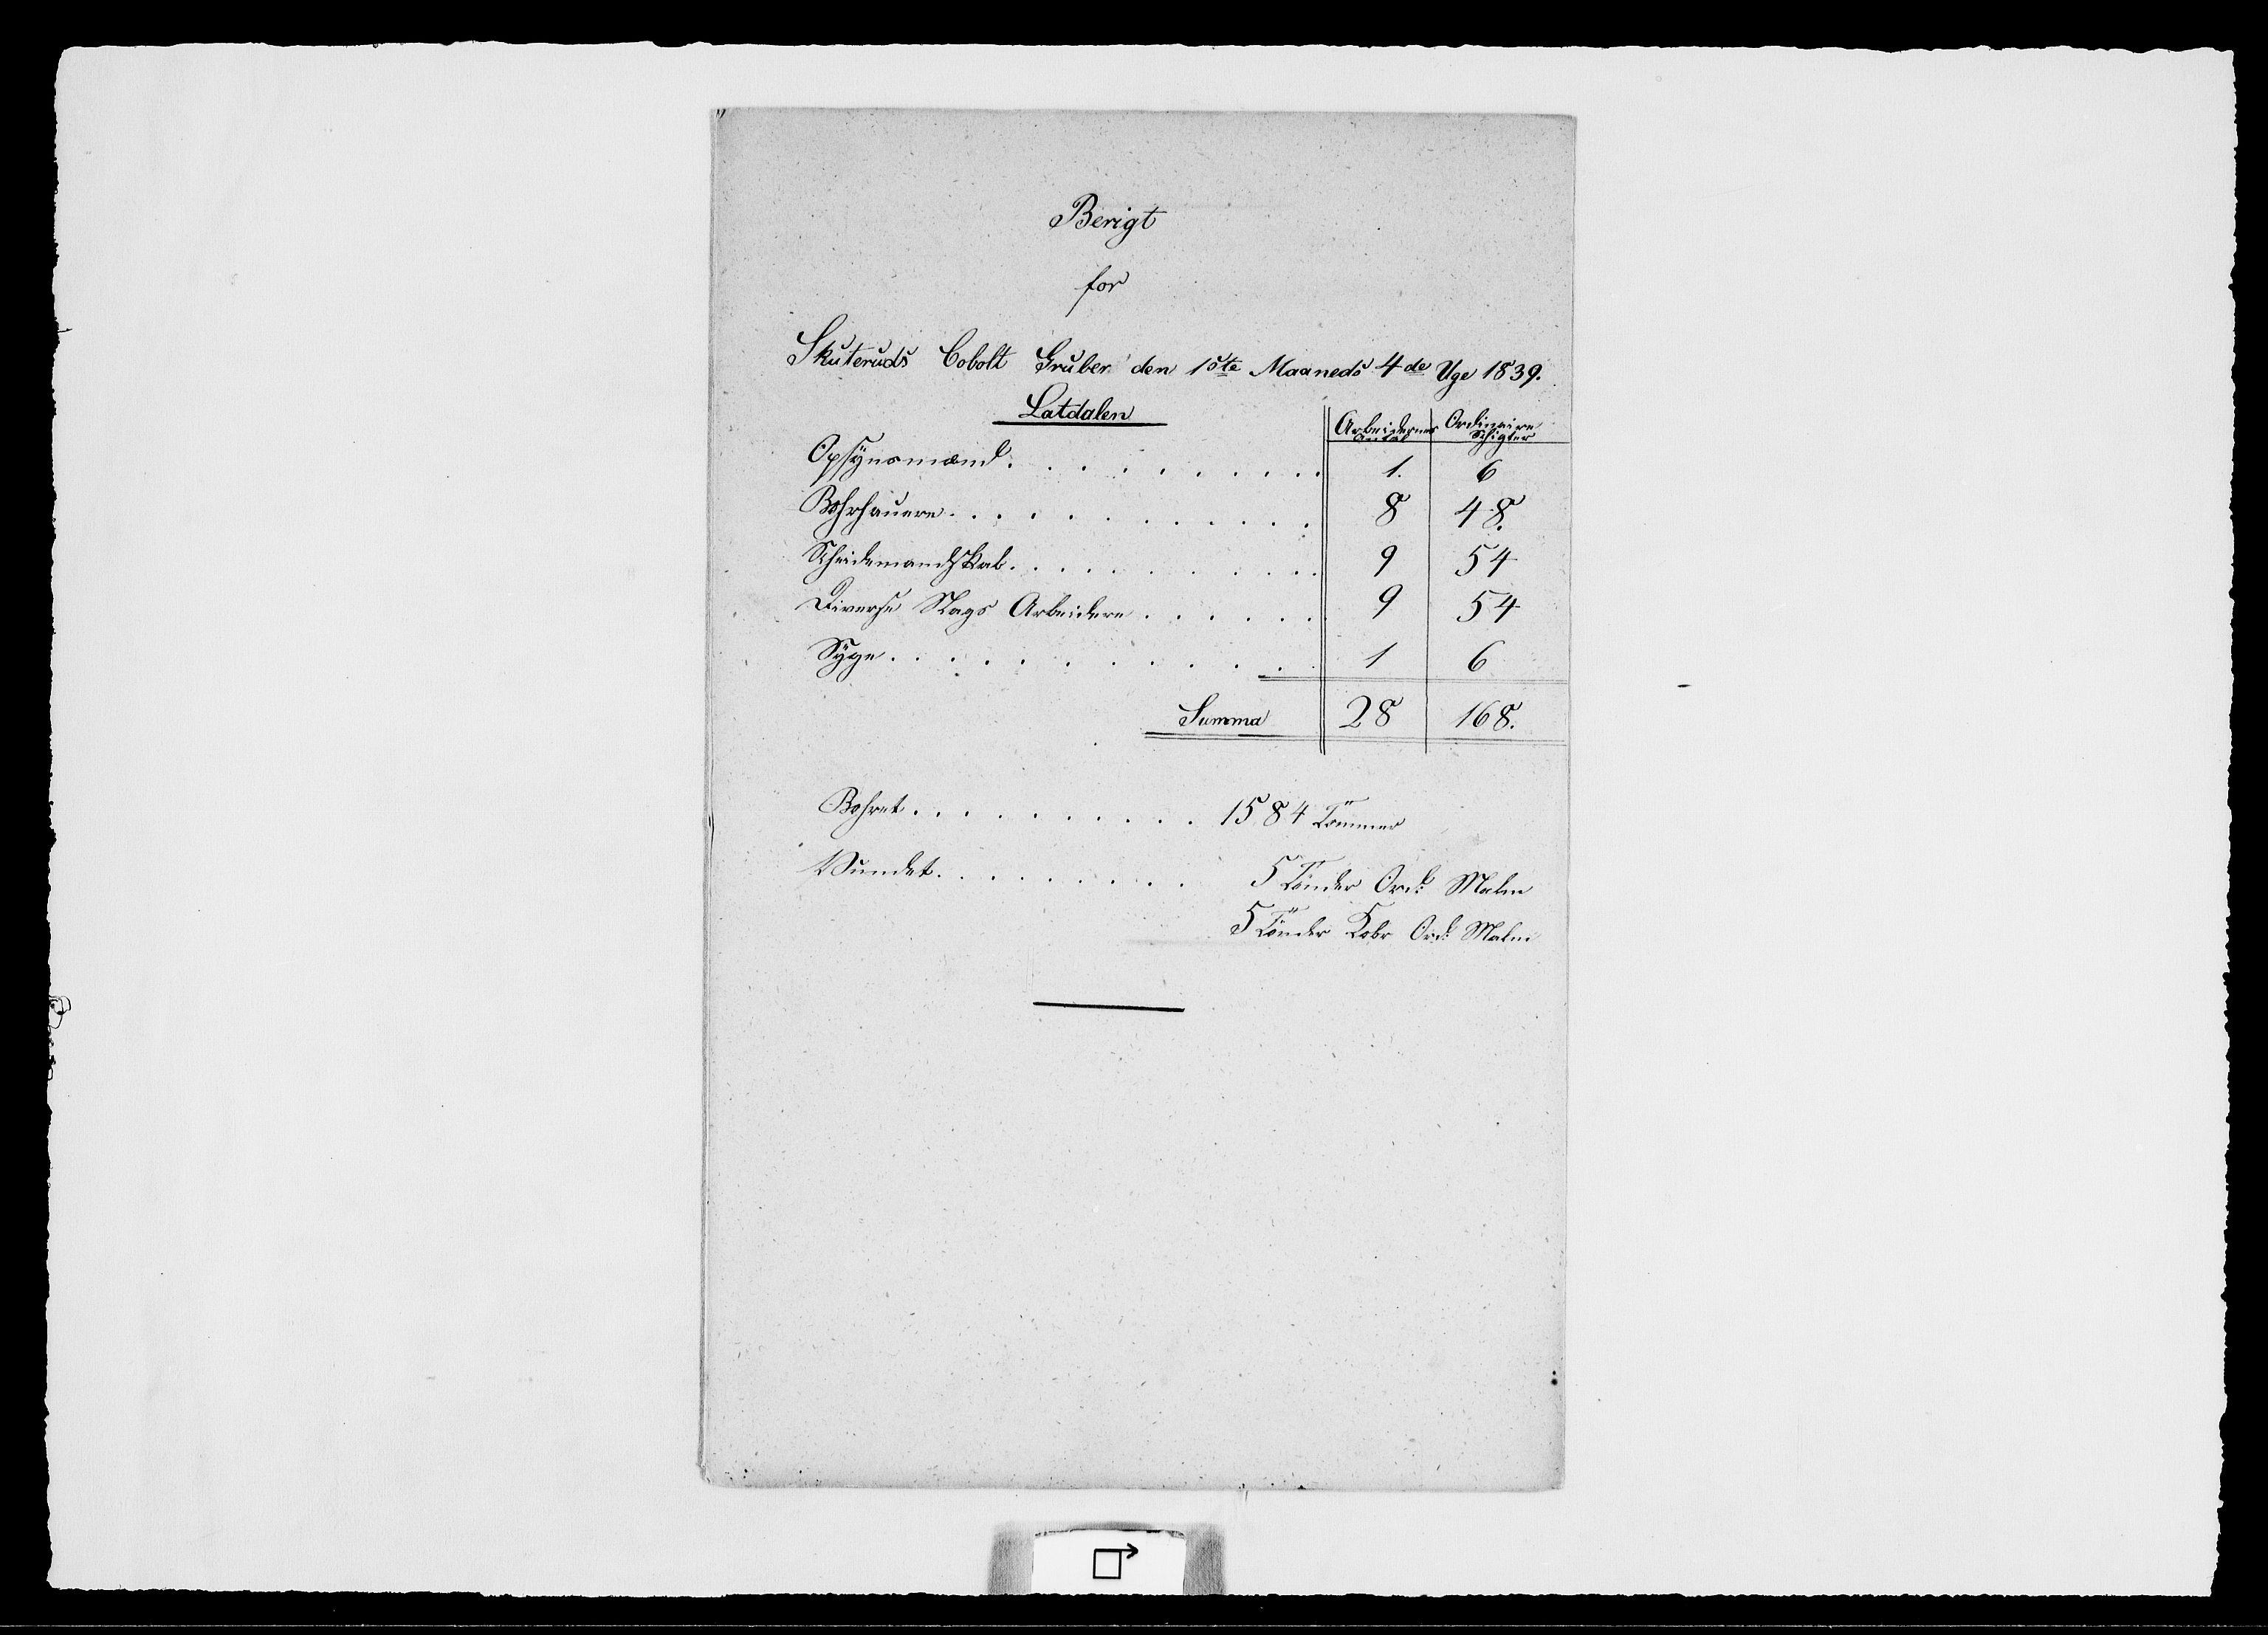 RA, Modums Blaafarveværk, G/Ge/L0355, 1839-1848, s. 2